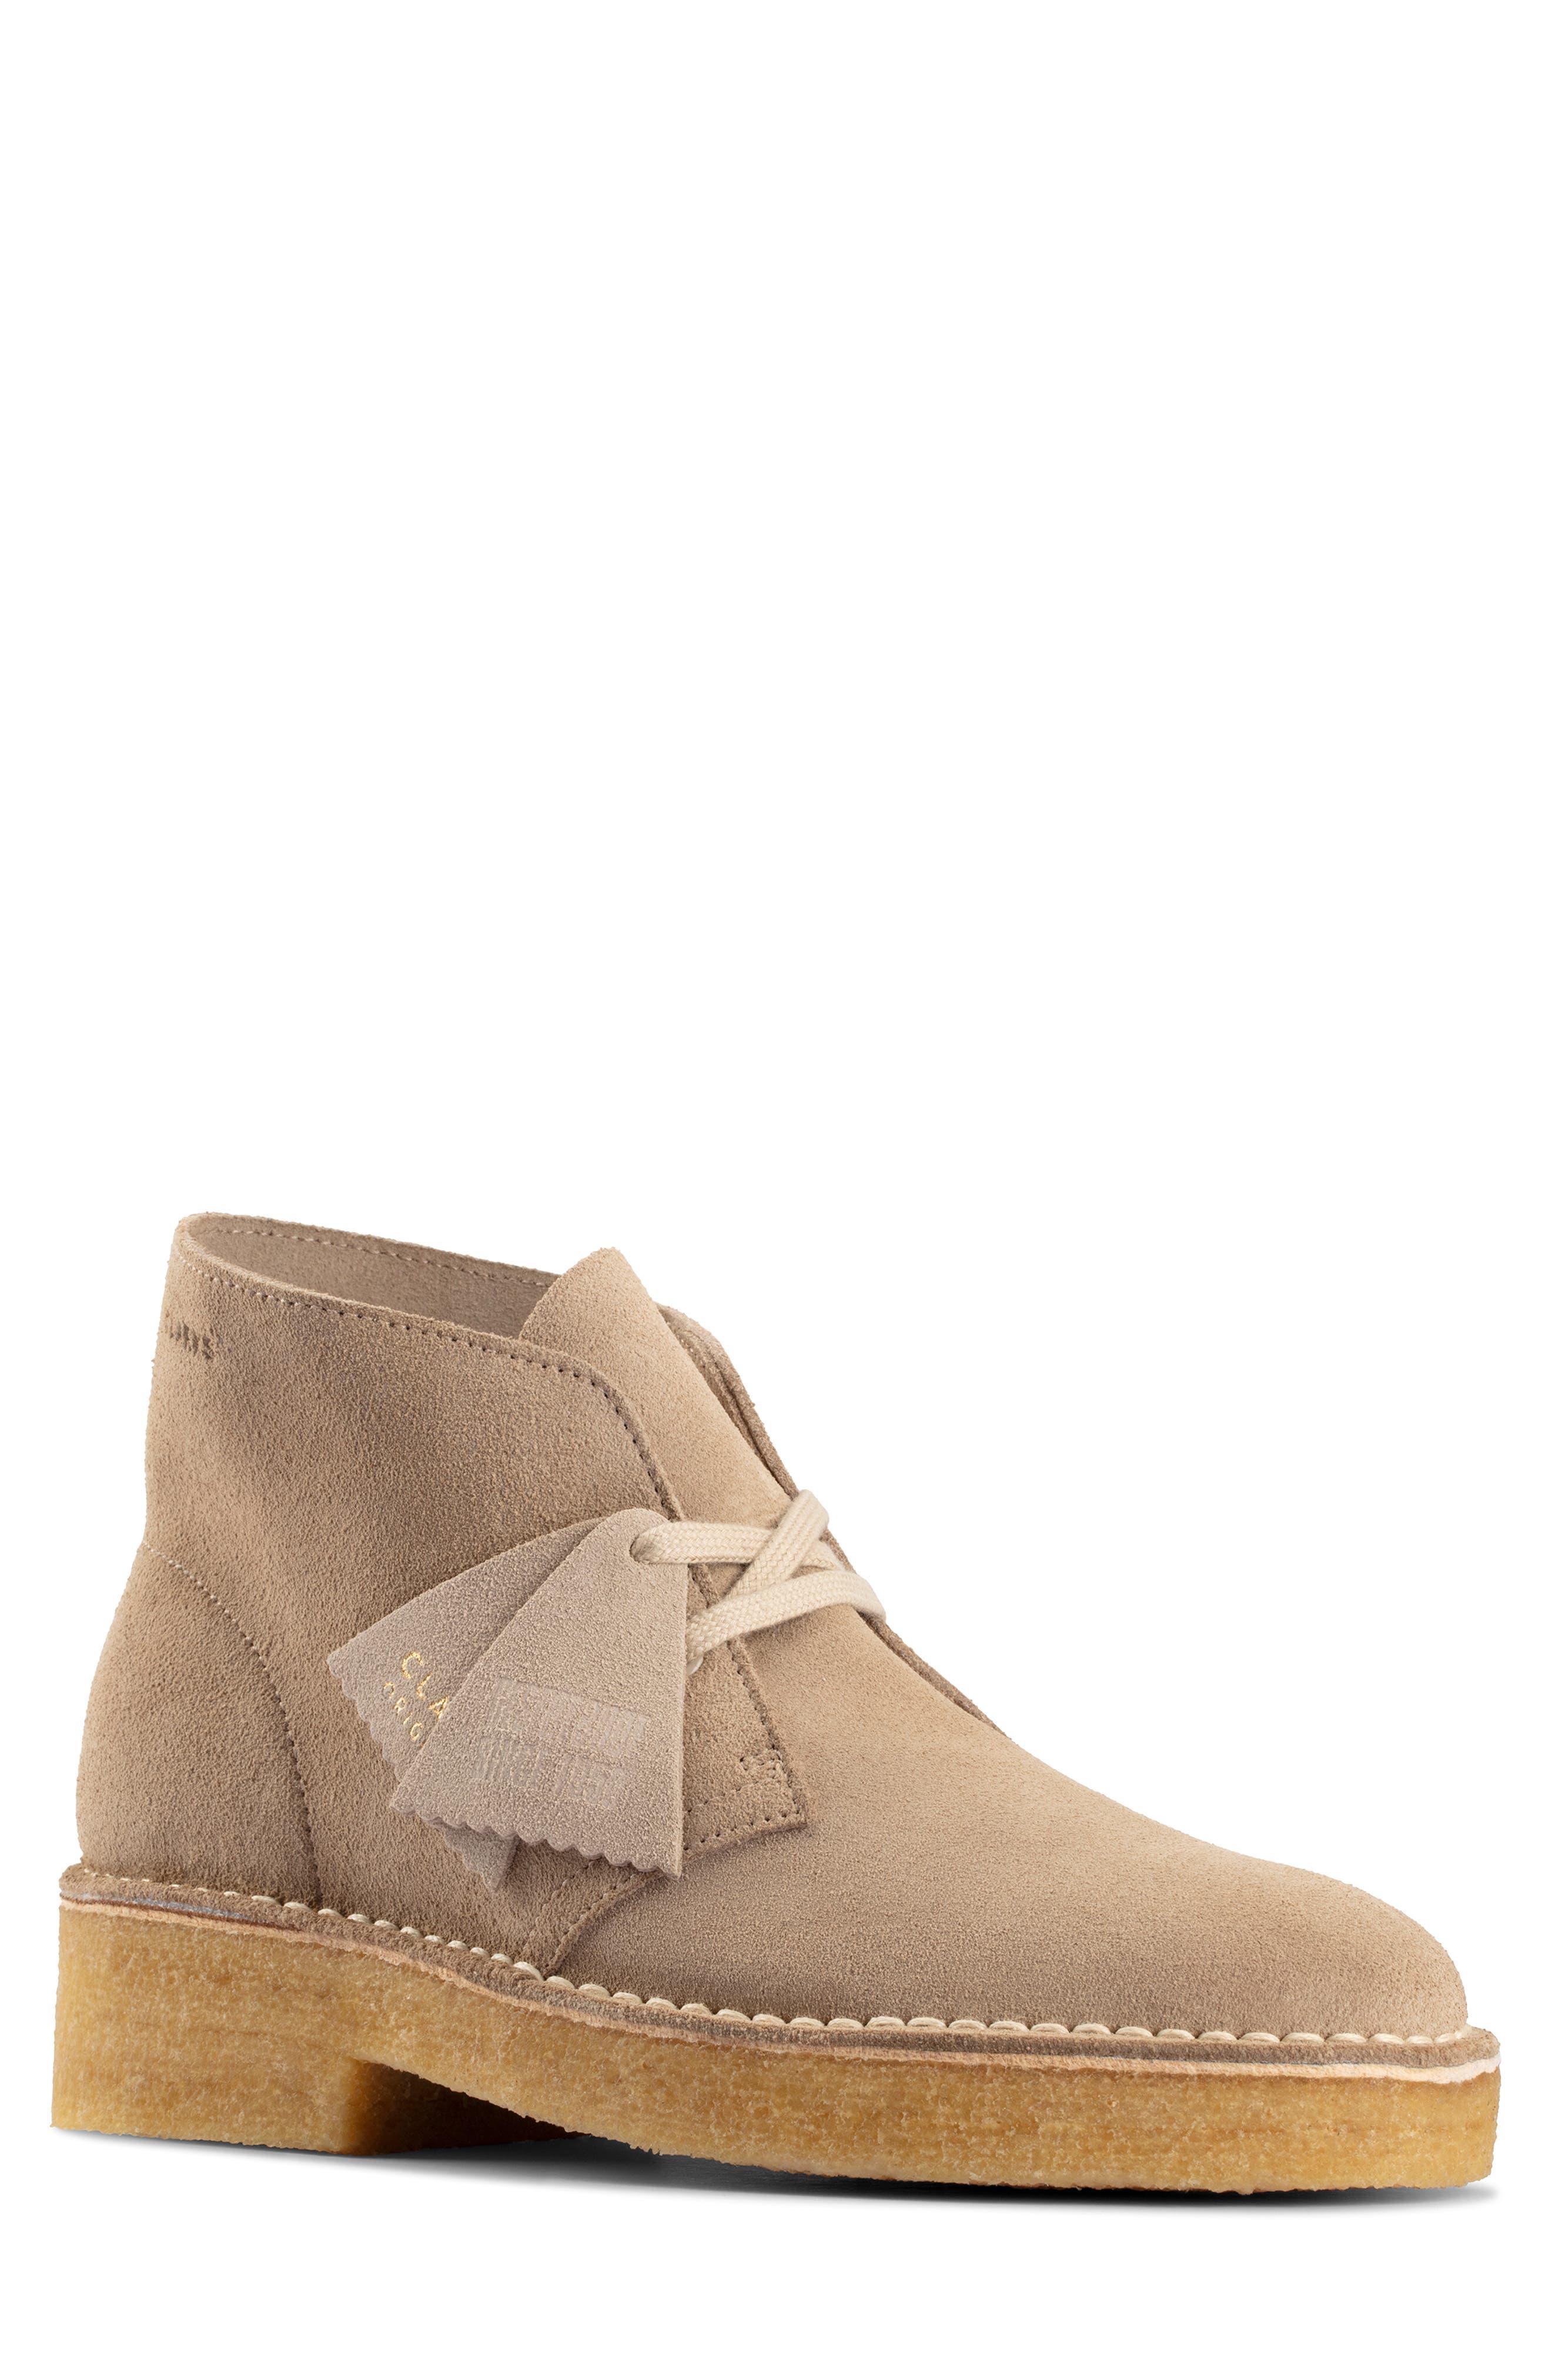 Men's Clarks Desert 221 Boot